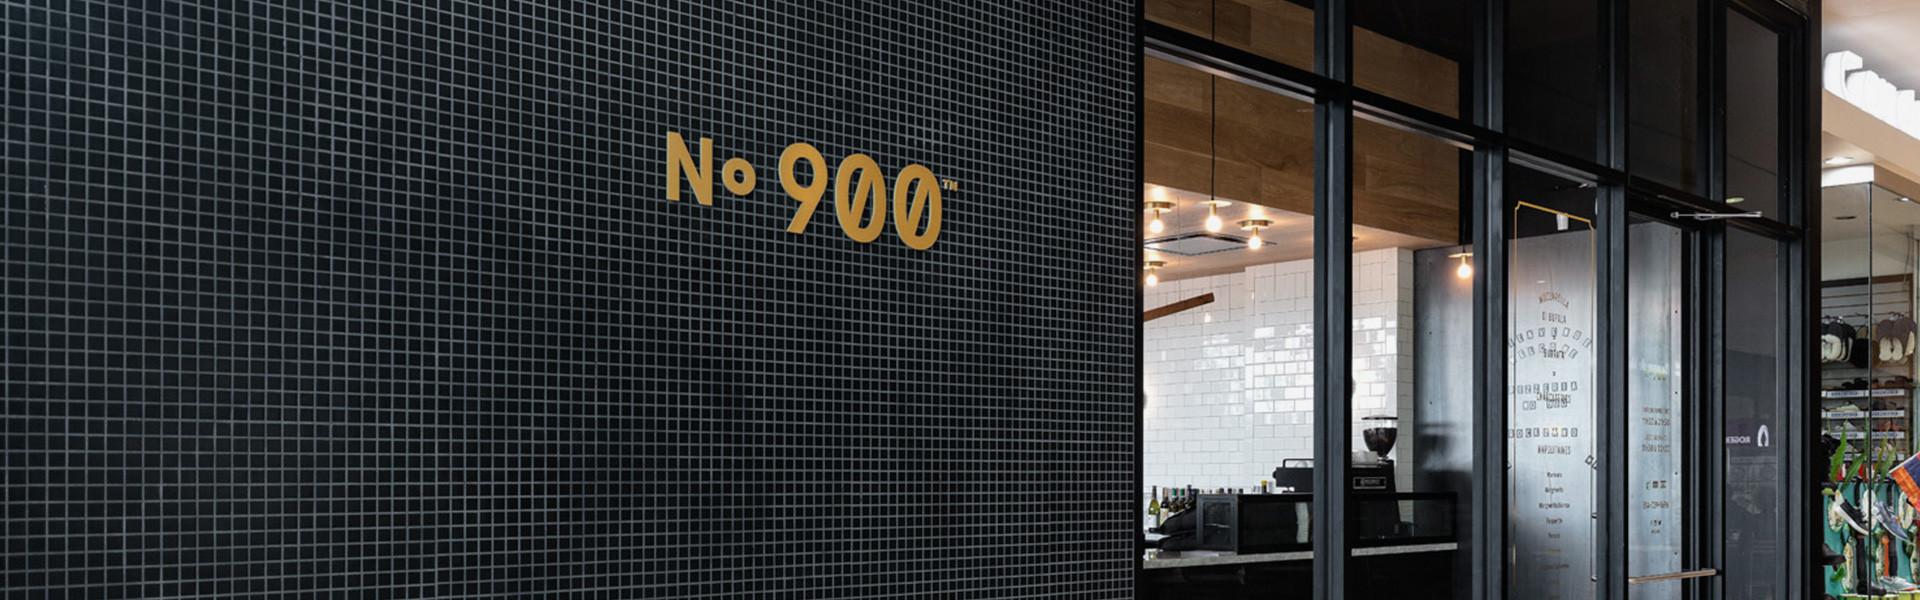 Pizzeria No. 900 - Rockland